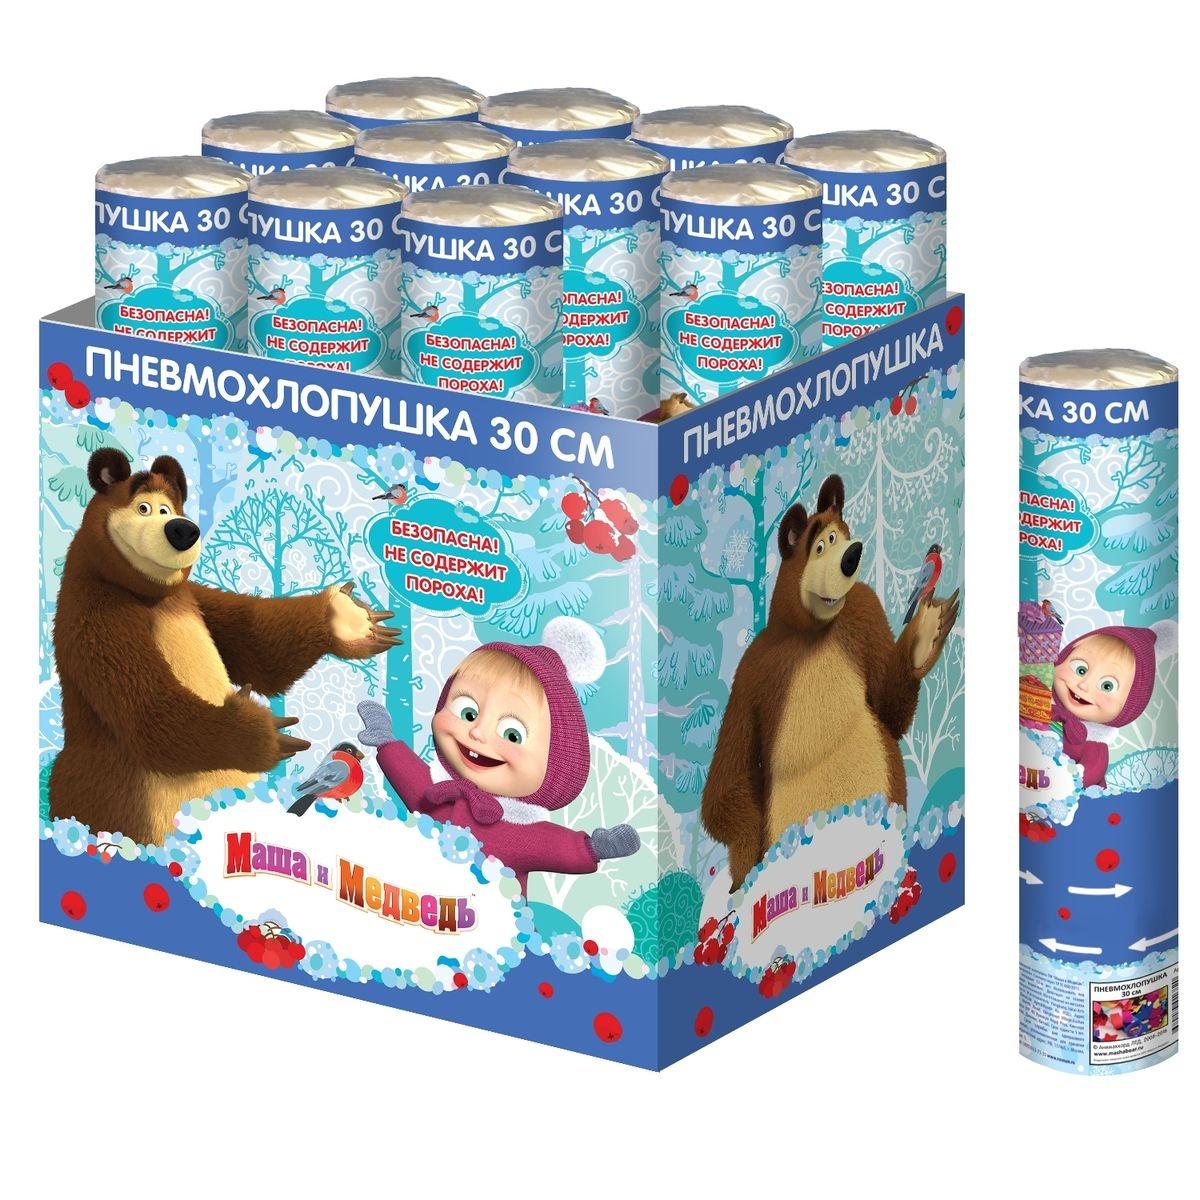 Декор Маша и Медведь Маша и Медведь настольная игра bondibon маша и медведь деловая маша секрет рецепта варенья bb1053 sgt 230 ru